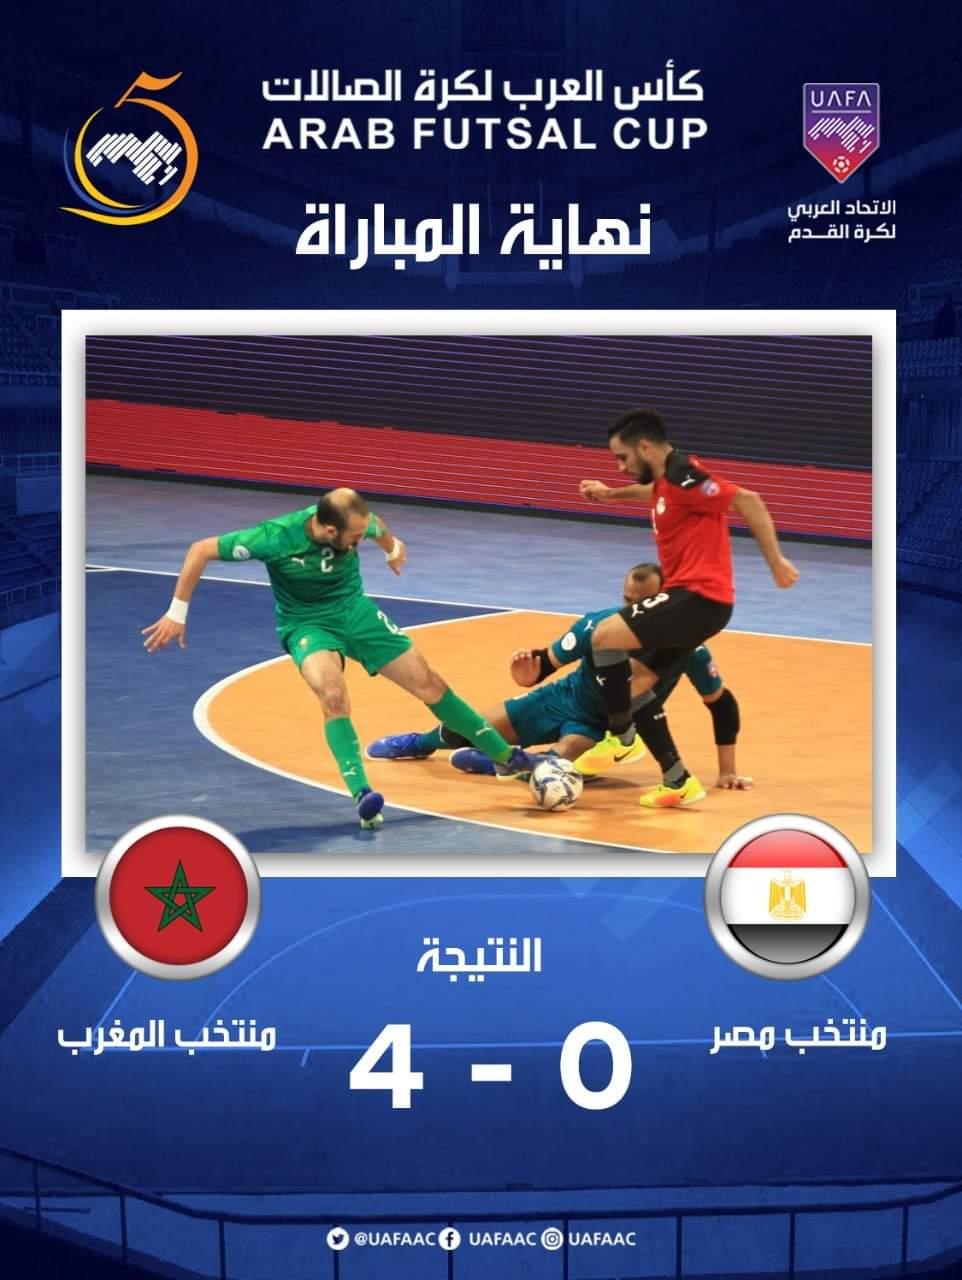 Le Maroc remporte la coupe arabe de Futsal